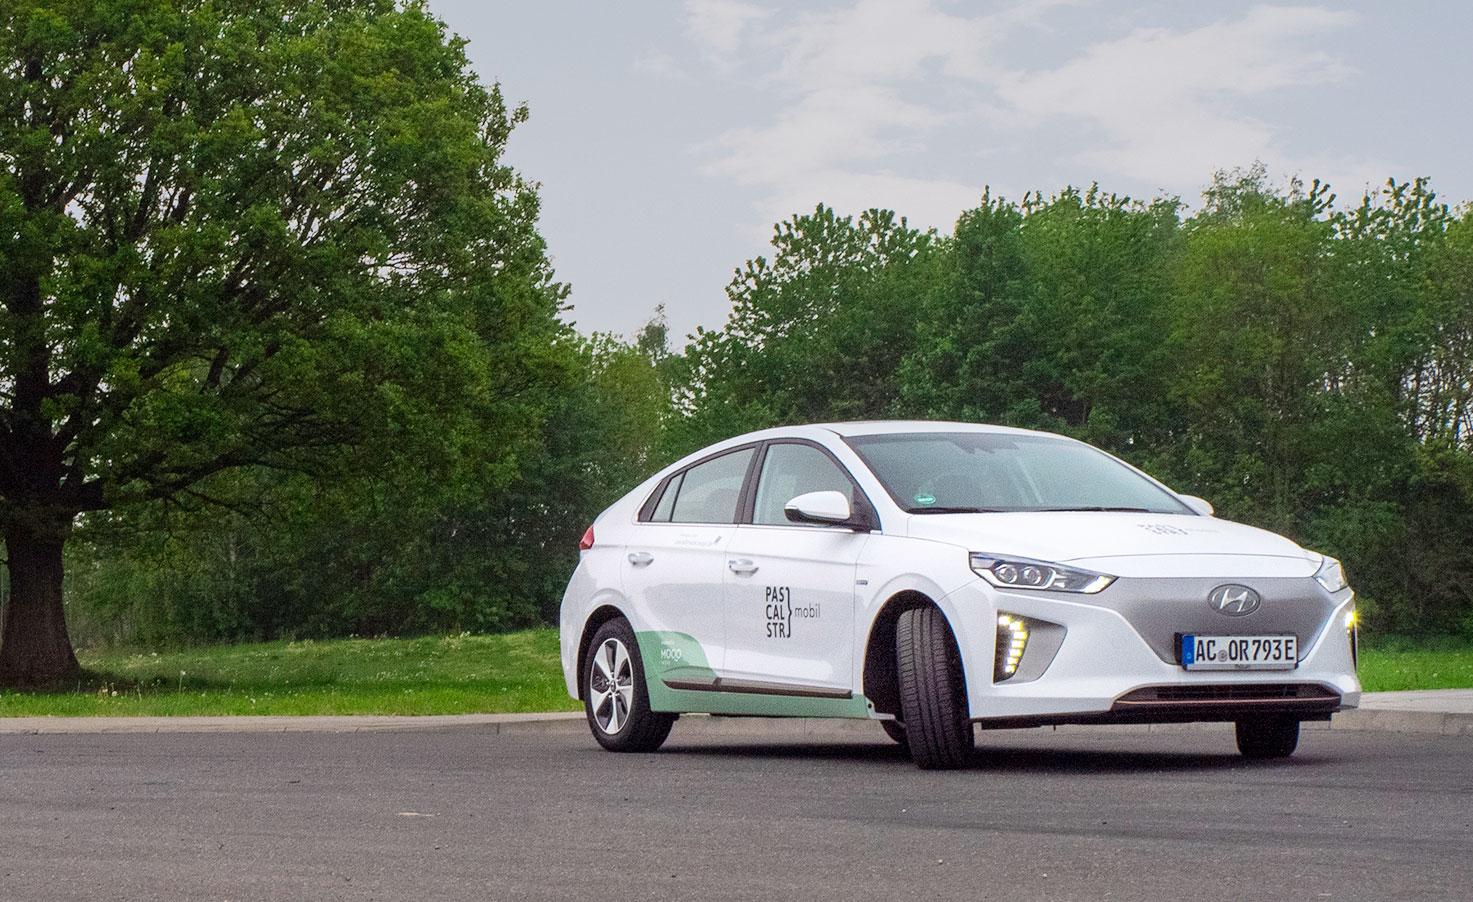 In der Aachener Pascalstraße stehen in den kommenden Monaten mehrere Elektroautos zur Verfügung, die alle Mitarbeiter der GRÜN Software AG über eine App für Privat- und Dienstfahren buchen können.